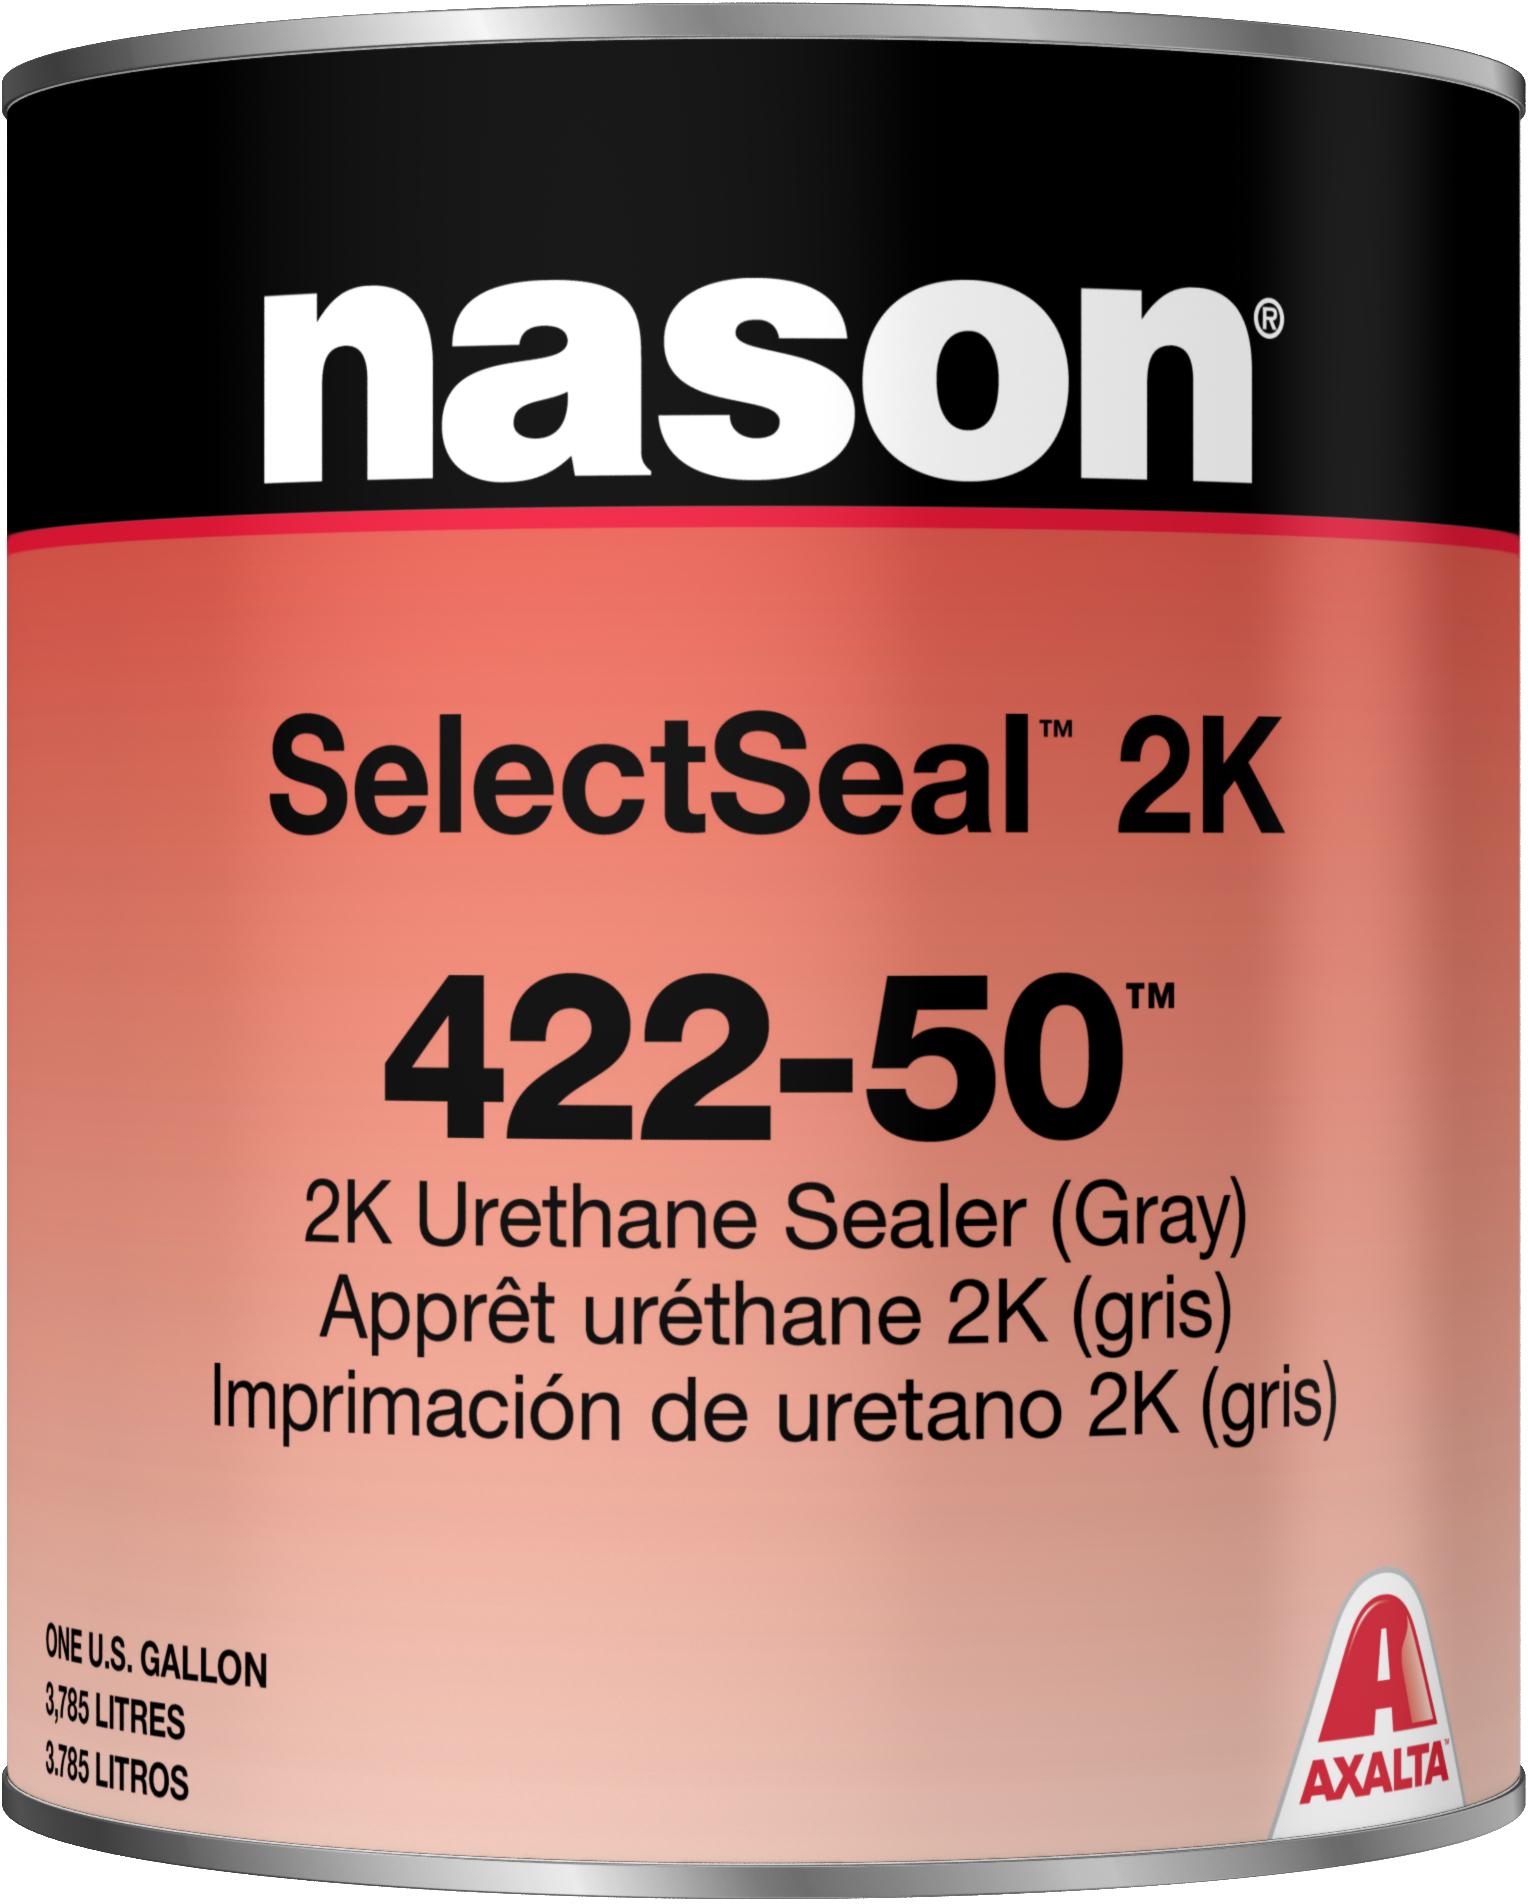 Axalta Nason 2k Urethane Sealer 422 50 Gallon